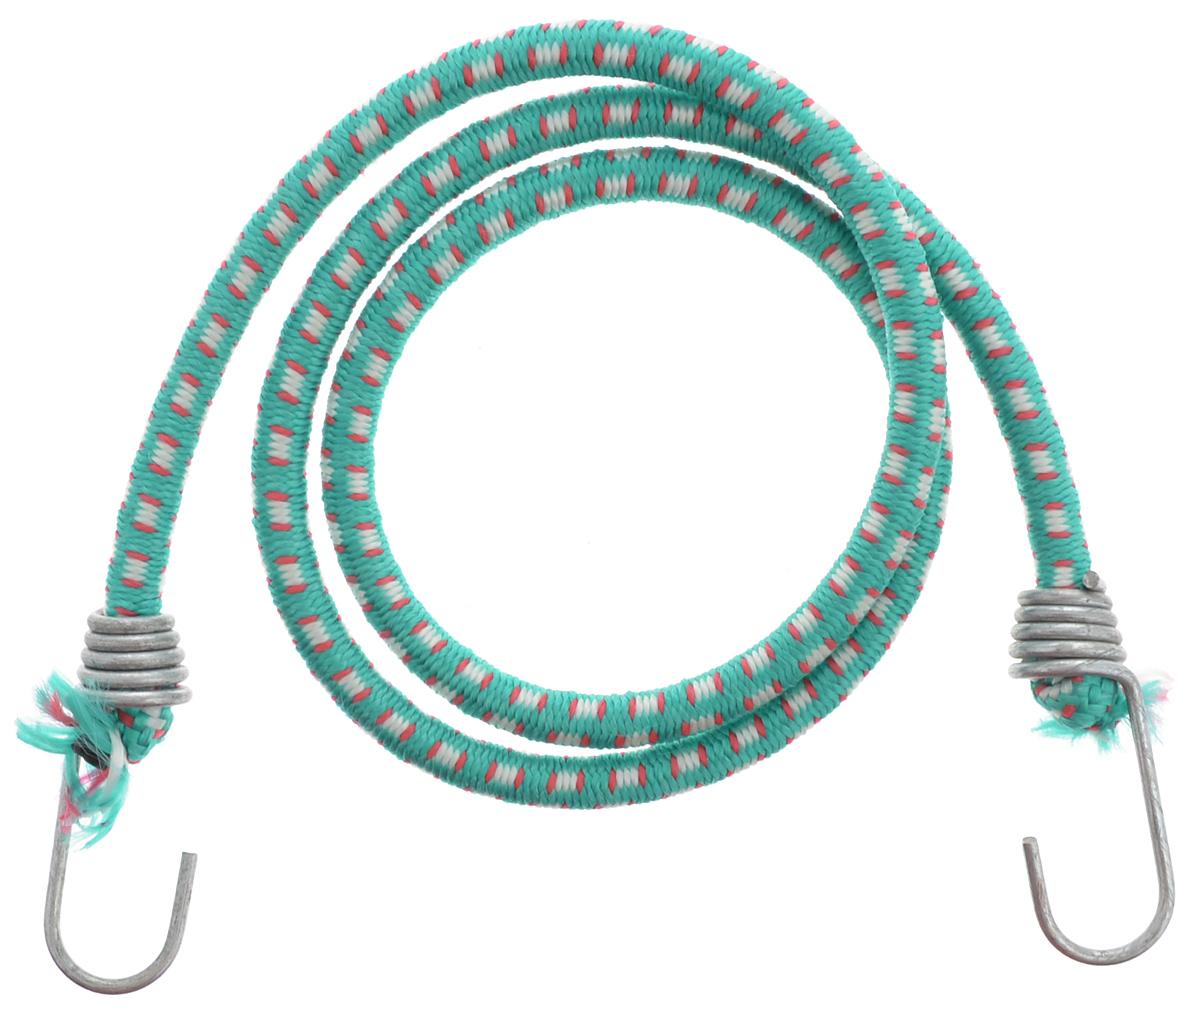 Резинка багажная МастерПроф, с крючками, цвет: зеленый, красный, белый, 1 х 110 смAC.020023_зеленый, красный, белыйБагажная резинка МастерПроф, выполненная из натурального каучука, оснащена специальными металлическими крючками, которые обеспечивают прочное крепление и не допускают смещения груза во время его перевозки. Изделие применяется для закрепления предметов к багажнику. Такая резинка позволит зафиксировать как небольшой груз, так и довольно габаритный. Температура использования: -15°C до +50°C. Безопасное удлинение: 60%. Диаметр резинки: 1 см. Длина резинки: 110 см.